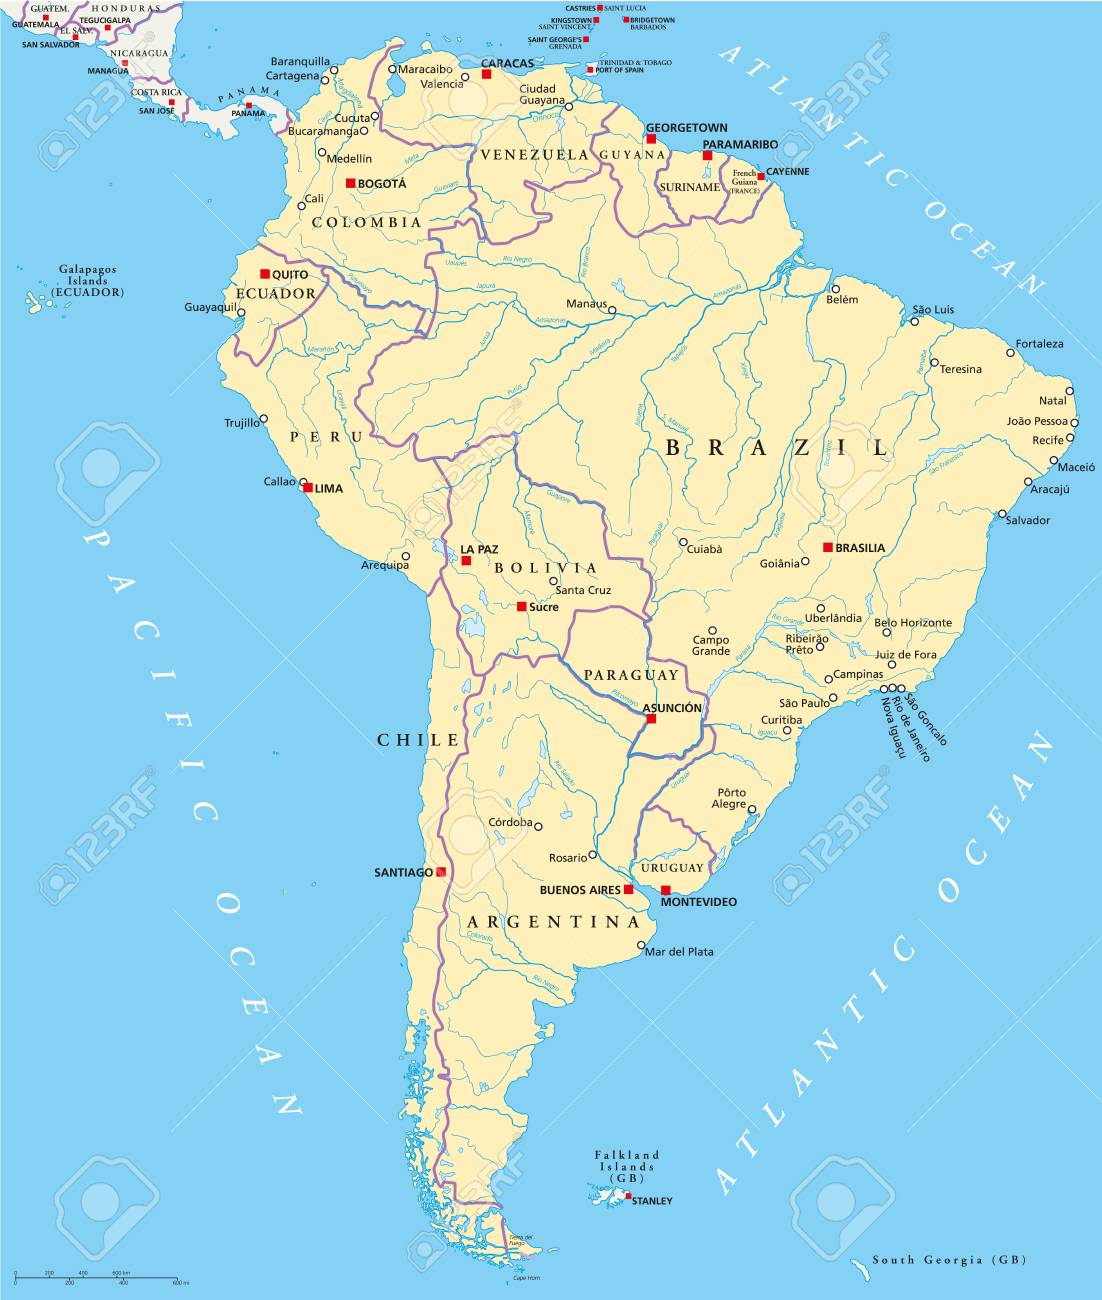 Carte Amerique Du Sud Avec Capitale.Amerique Du Sud Carte Politique Avec Des Etats Des Capitales Les Villes Les Plus Importantes Les Frontieres Nationales Les Lacs Et Les Rivieres